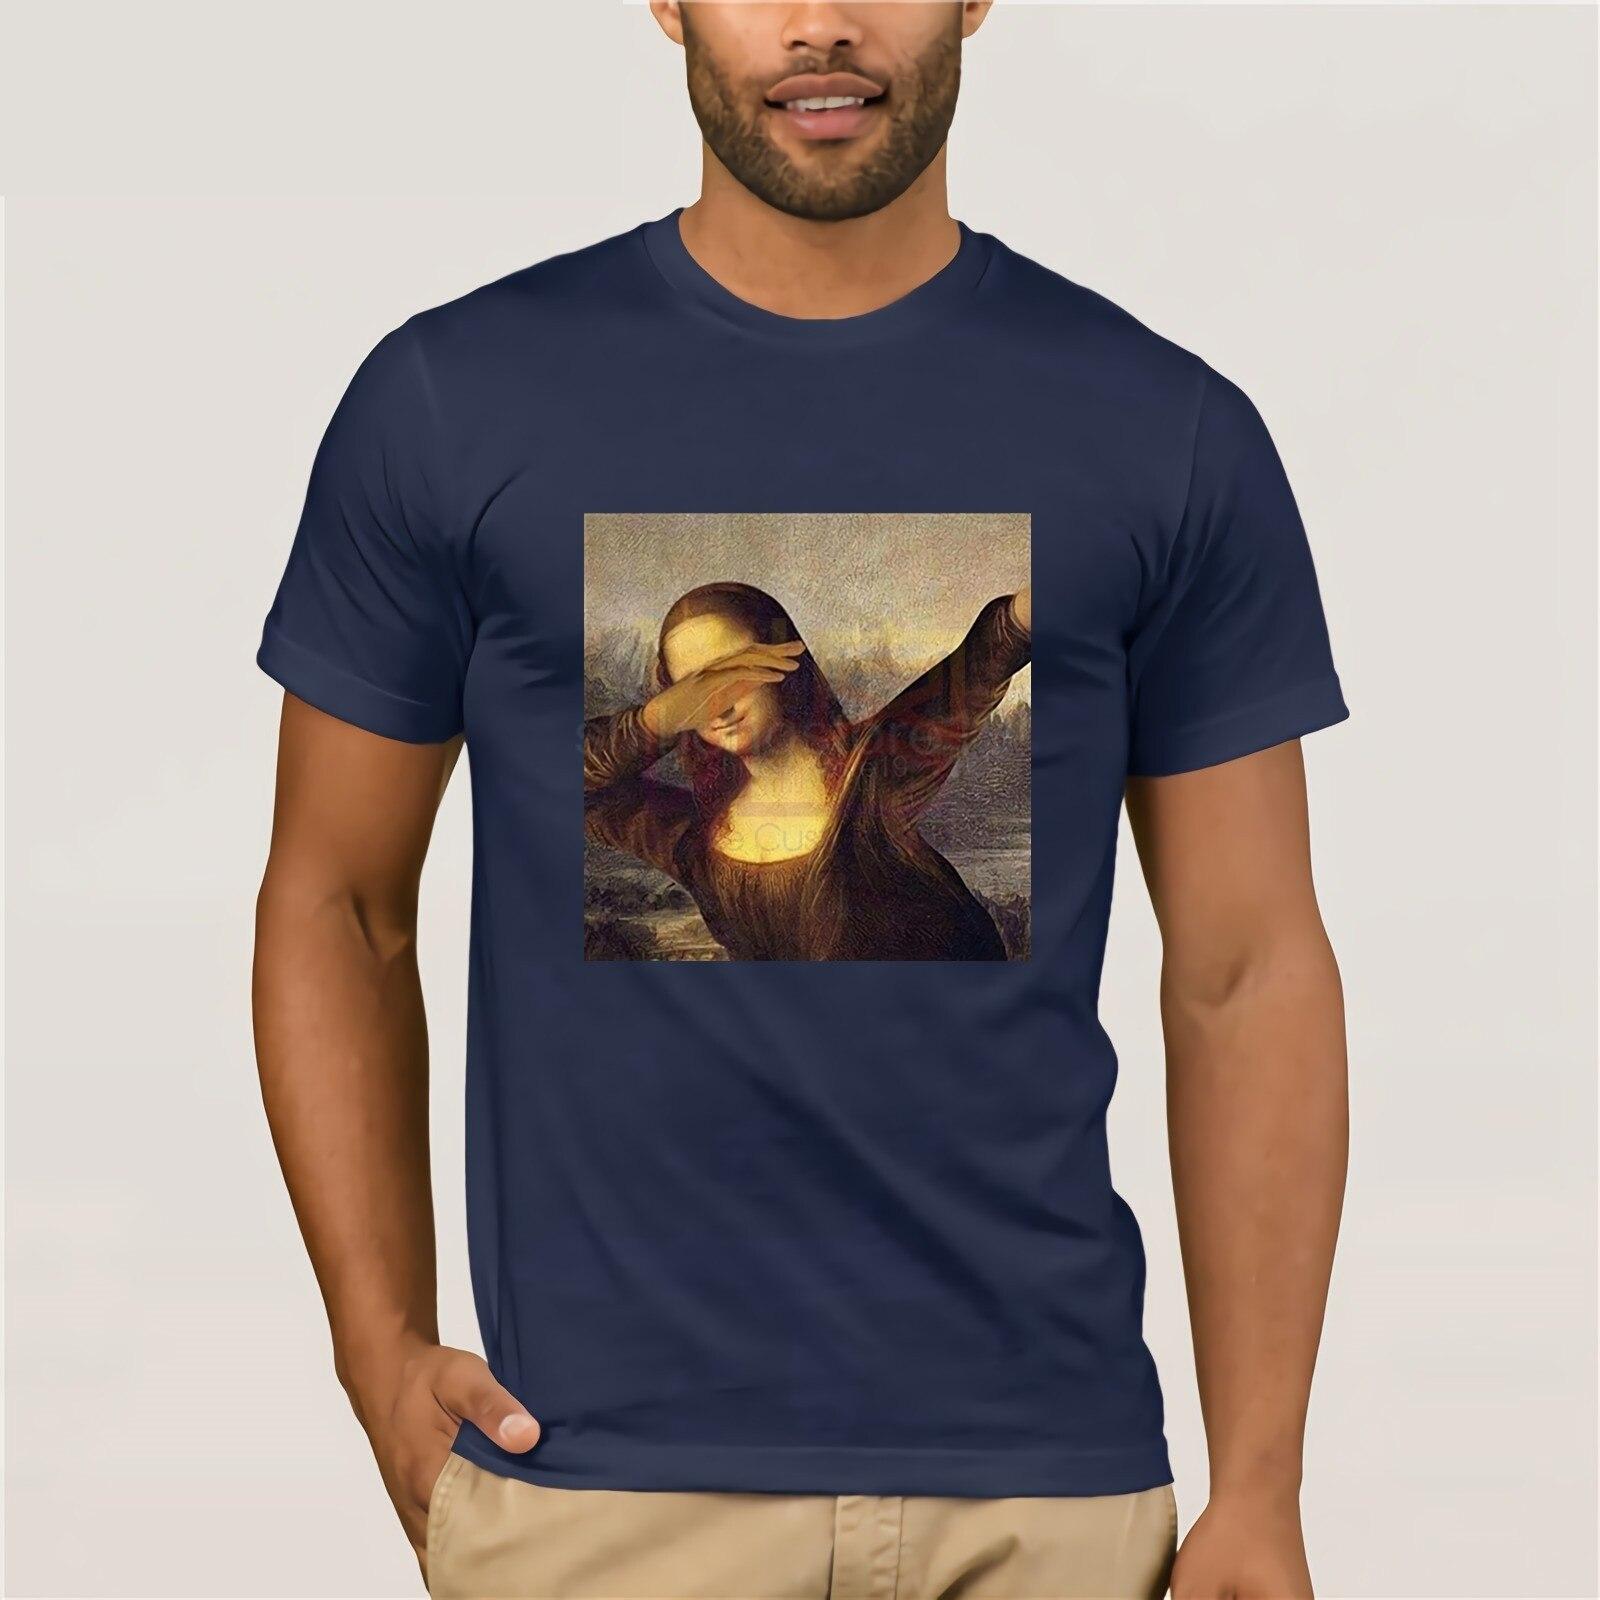 Mona Lisa Enxugando Dab Camisa Engraçada de T de Roupas Populares T-Shirt Crewneck Camiseta 100% Algodão O Pescoço T-shirt de Algodão Tops